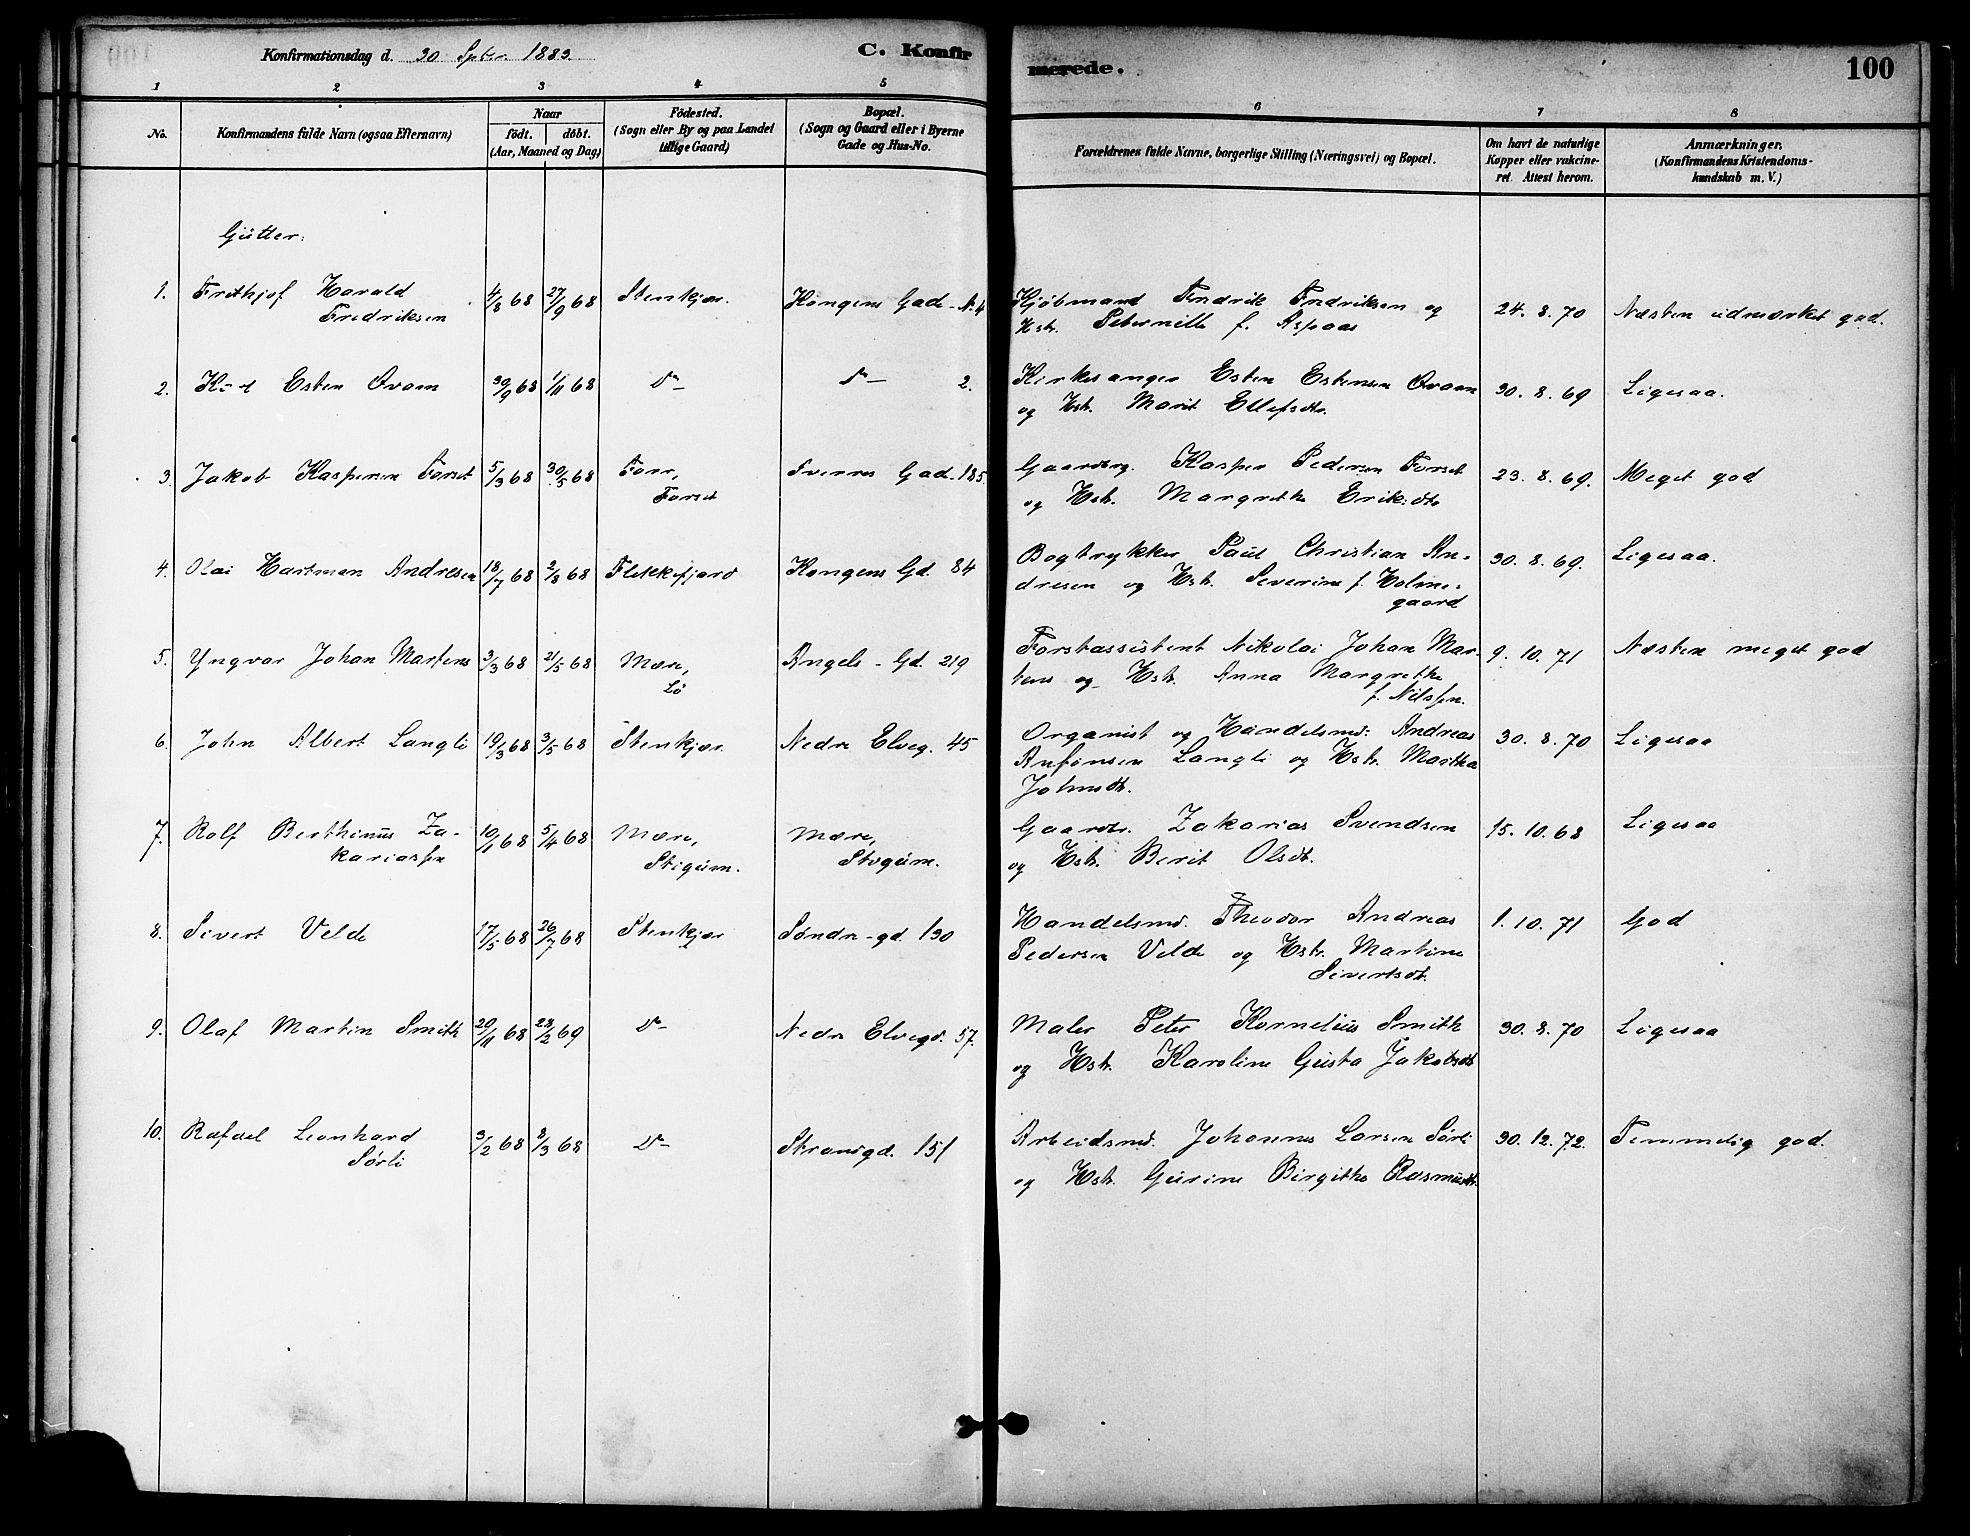 SAT, Ministerialprotokoller, klokkerbøker og fødselsregistre - Nord-Trøndelag, 739/L0371: Ministerialbok nr. 739A03, 1881-1895, s. 100